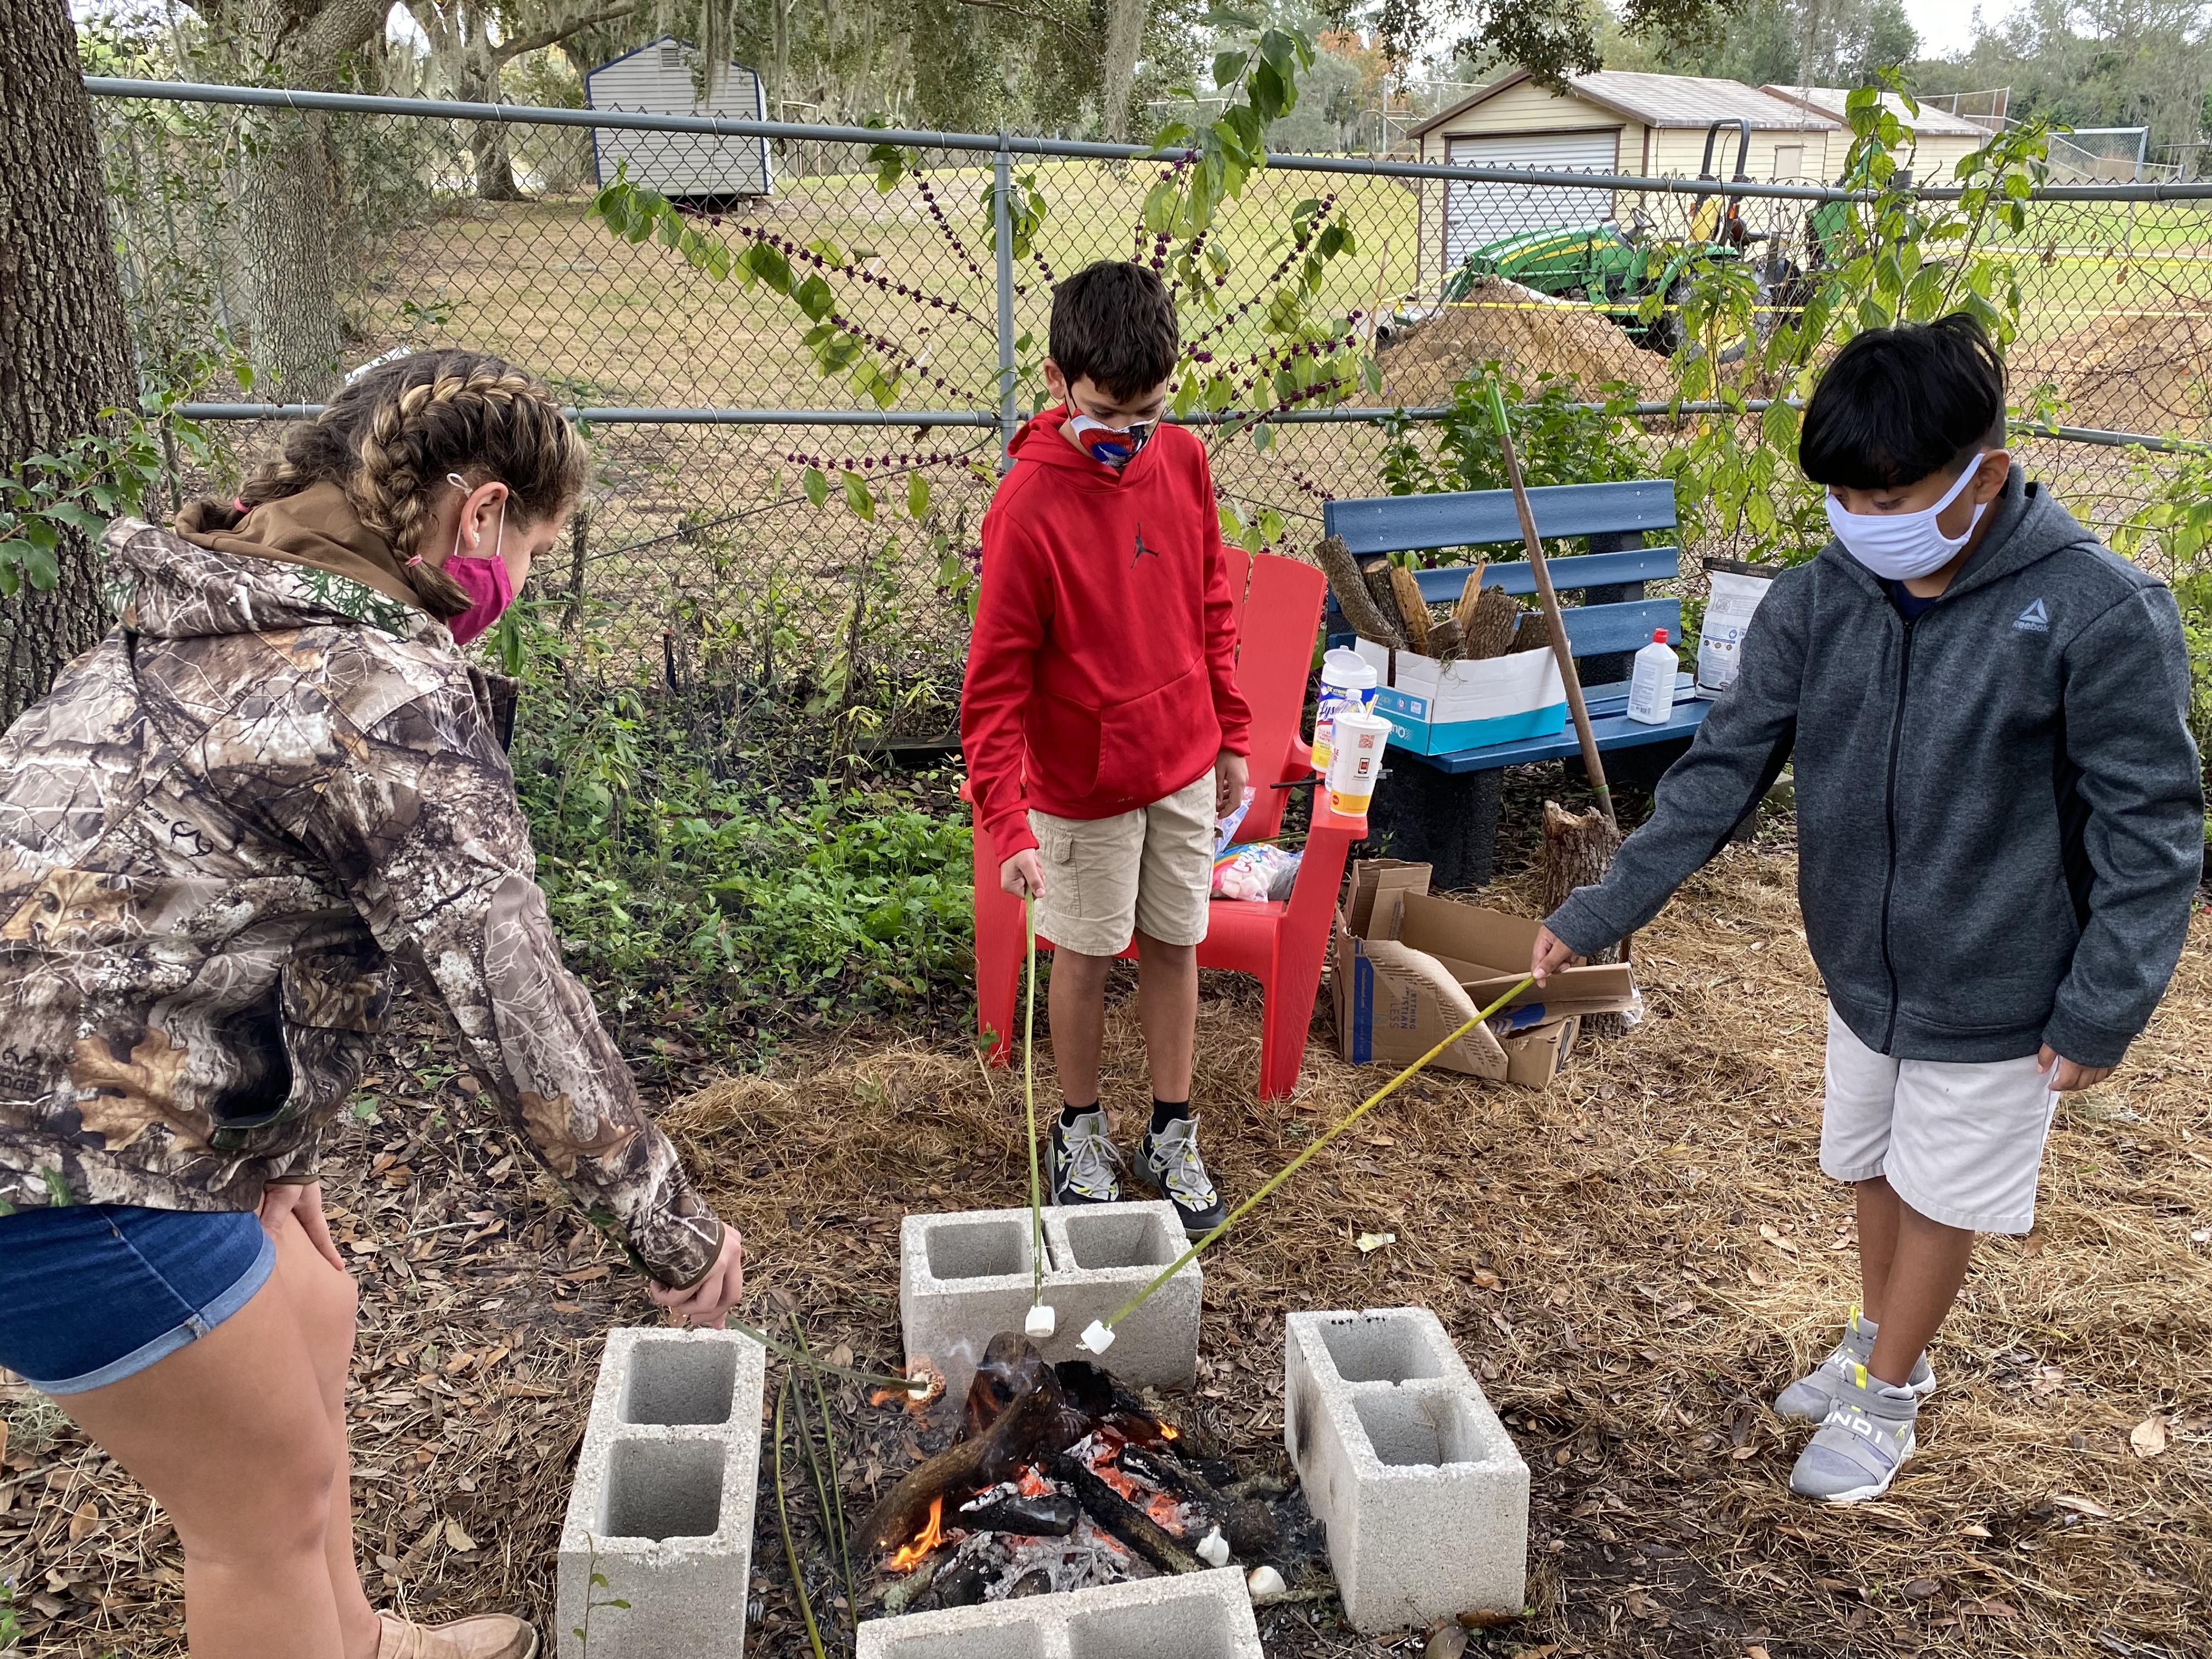 Students roasting marshmallows